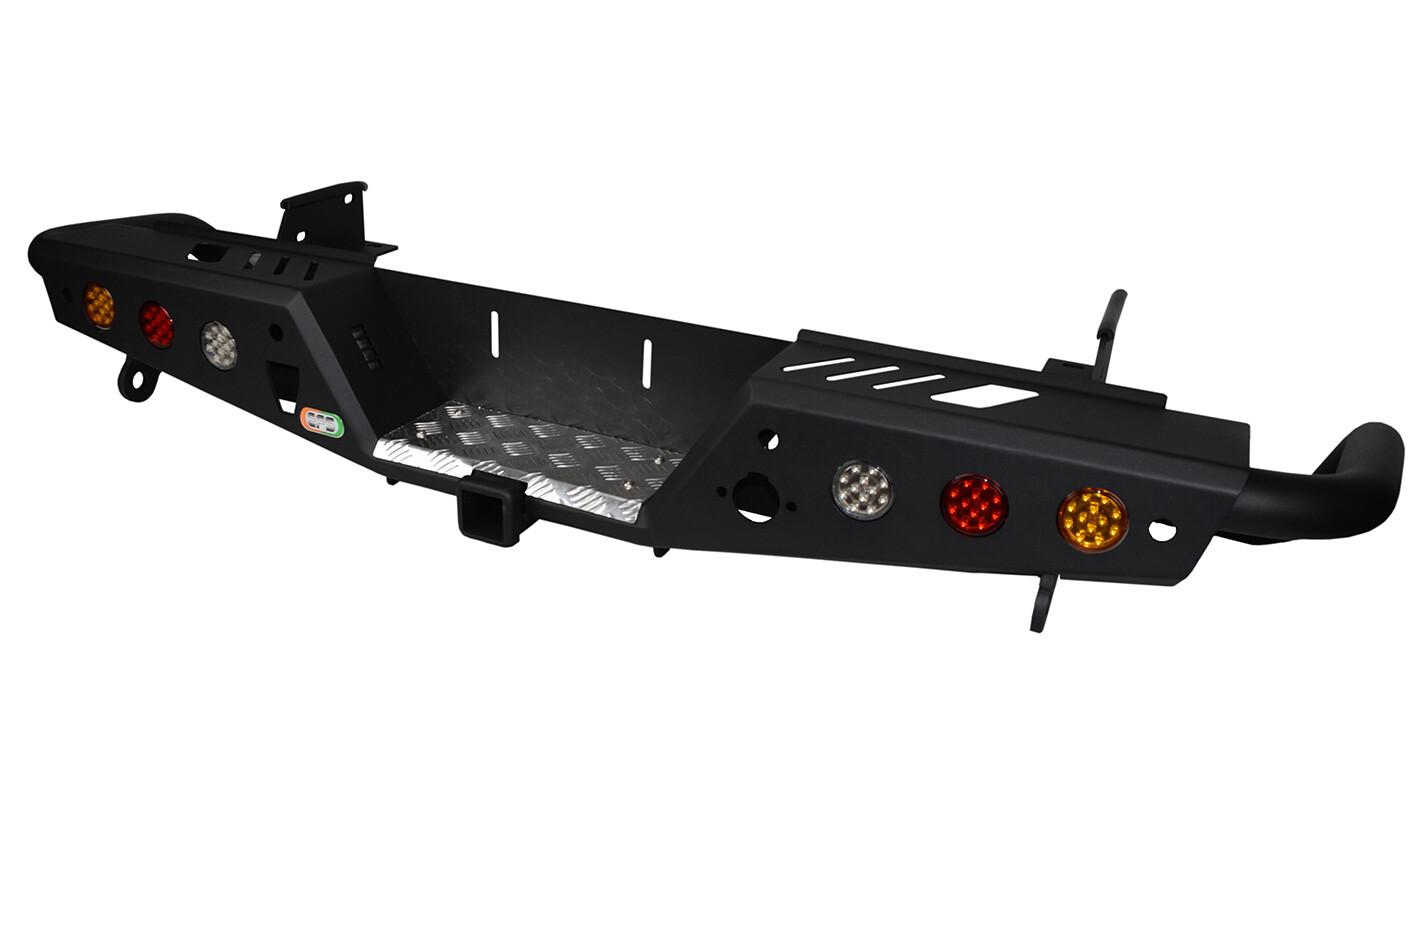 EFS-Adventure-Series-rear-steel-bars.jpg